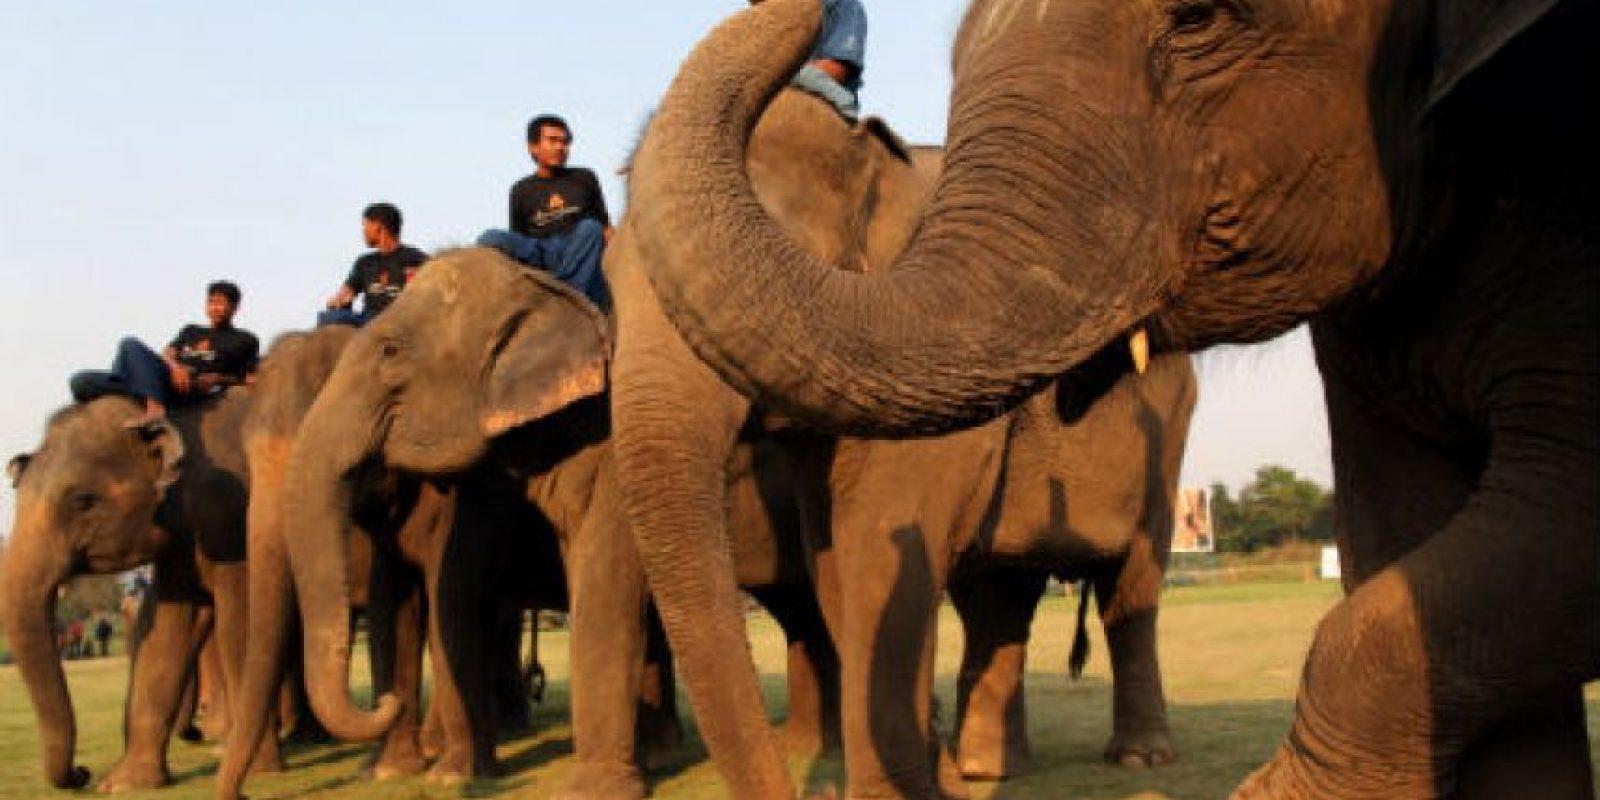 Pueden alcanzar los 7,5 metros (25 pies) de largo y 3,3 metros (11 pies) de alto. Llegan a pesar seis toneladas. Foto:Getty Images